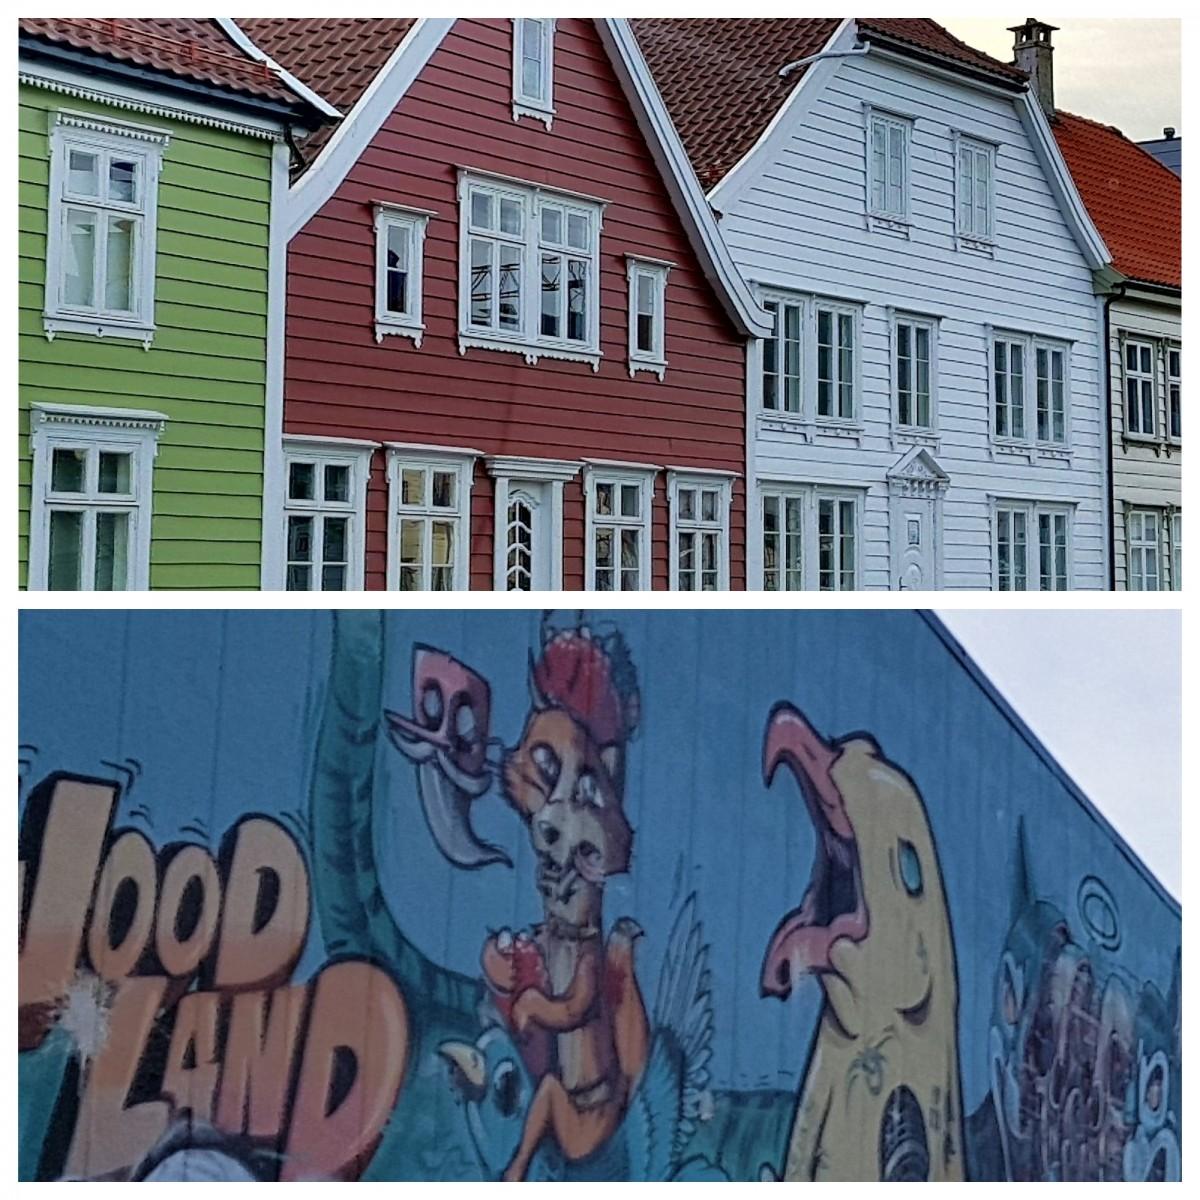 Bergen kunst og arkitektur